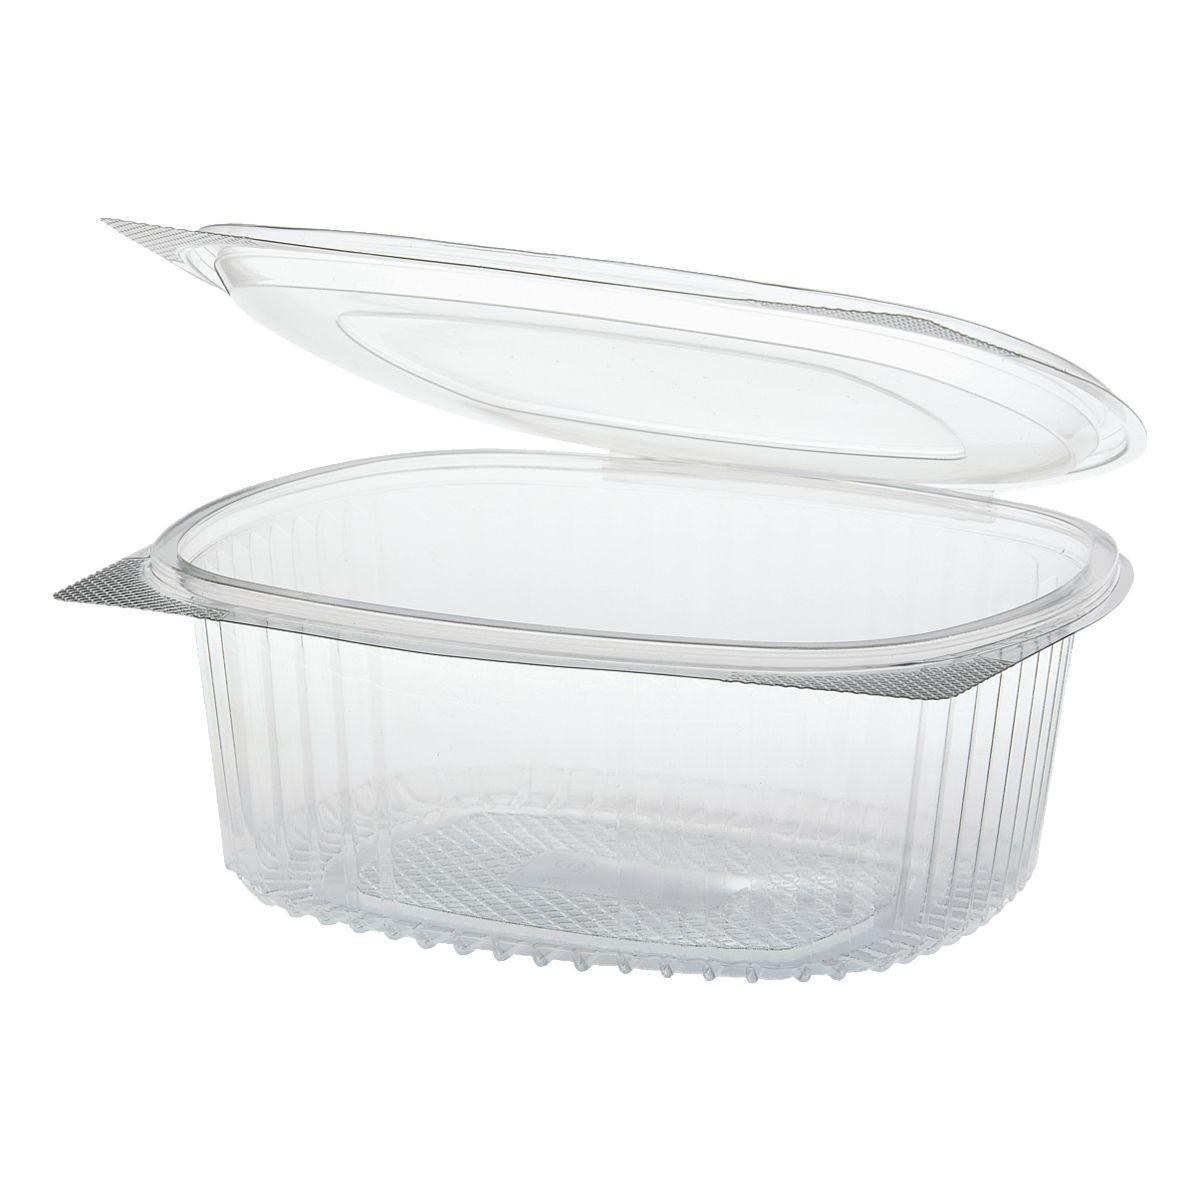 PAPSTAR PET-Salatschalen bis 1000 ml mit Deckel